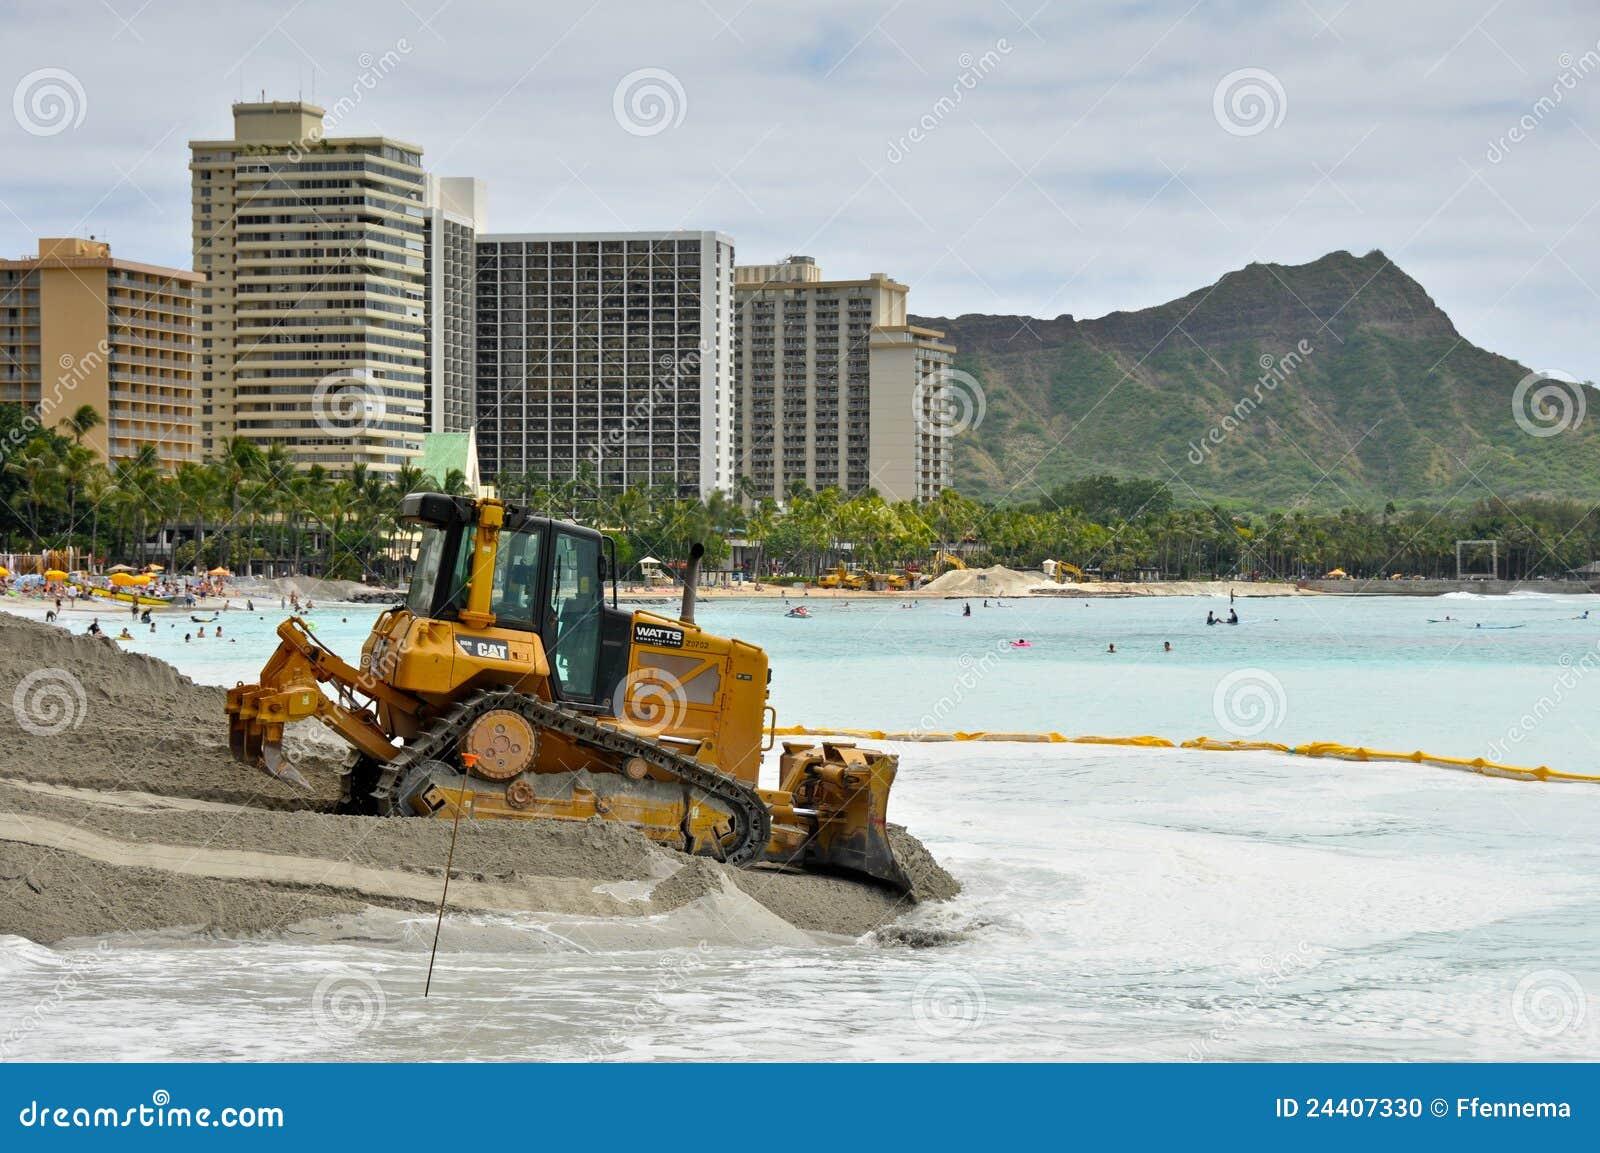 Heavy Equipment Maintenance : Waikiki beach maintenance project heavy equipment